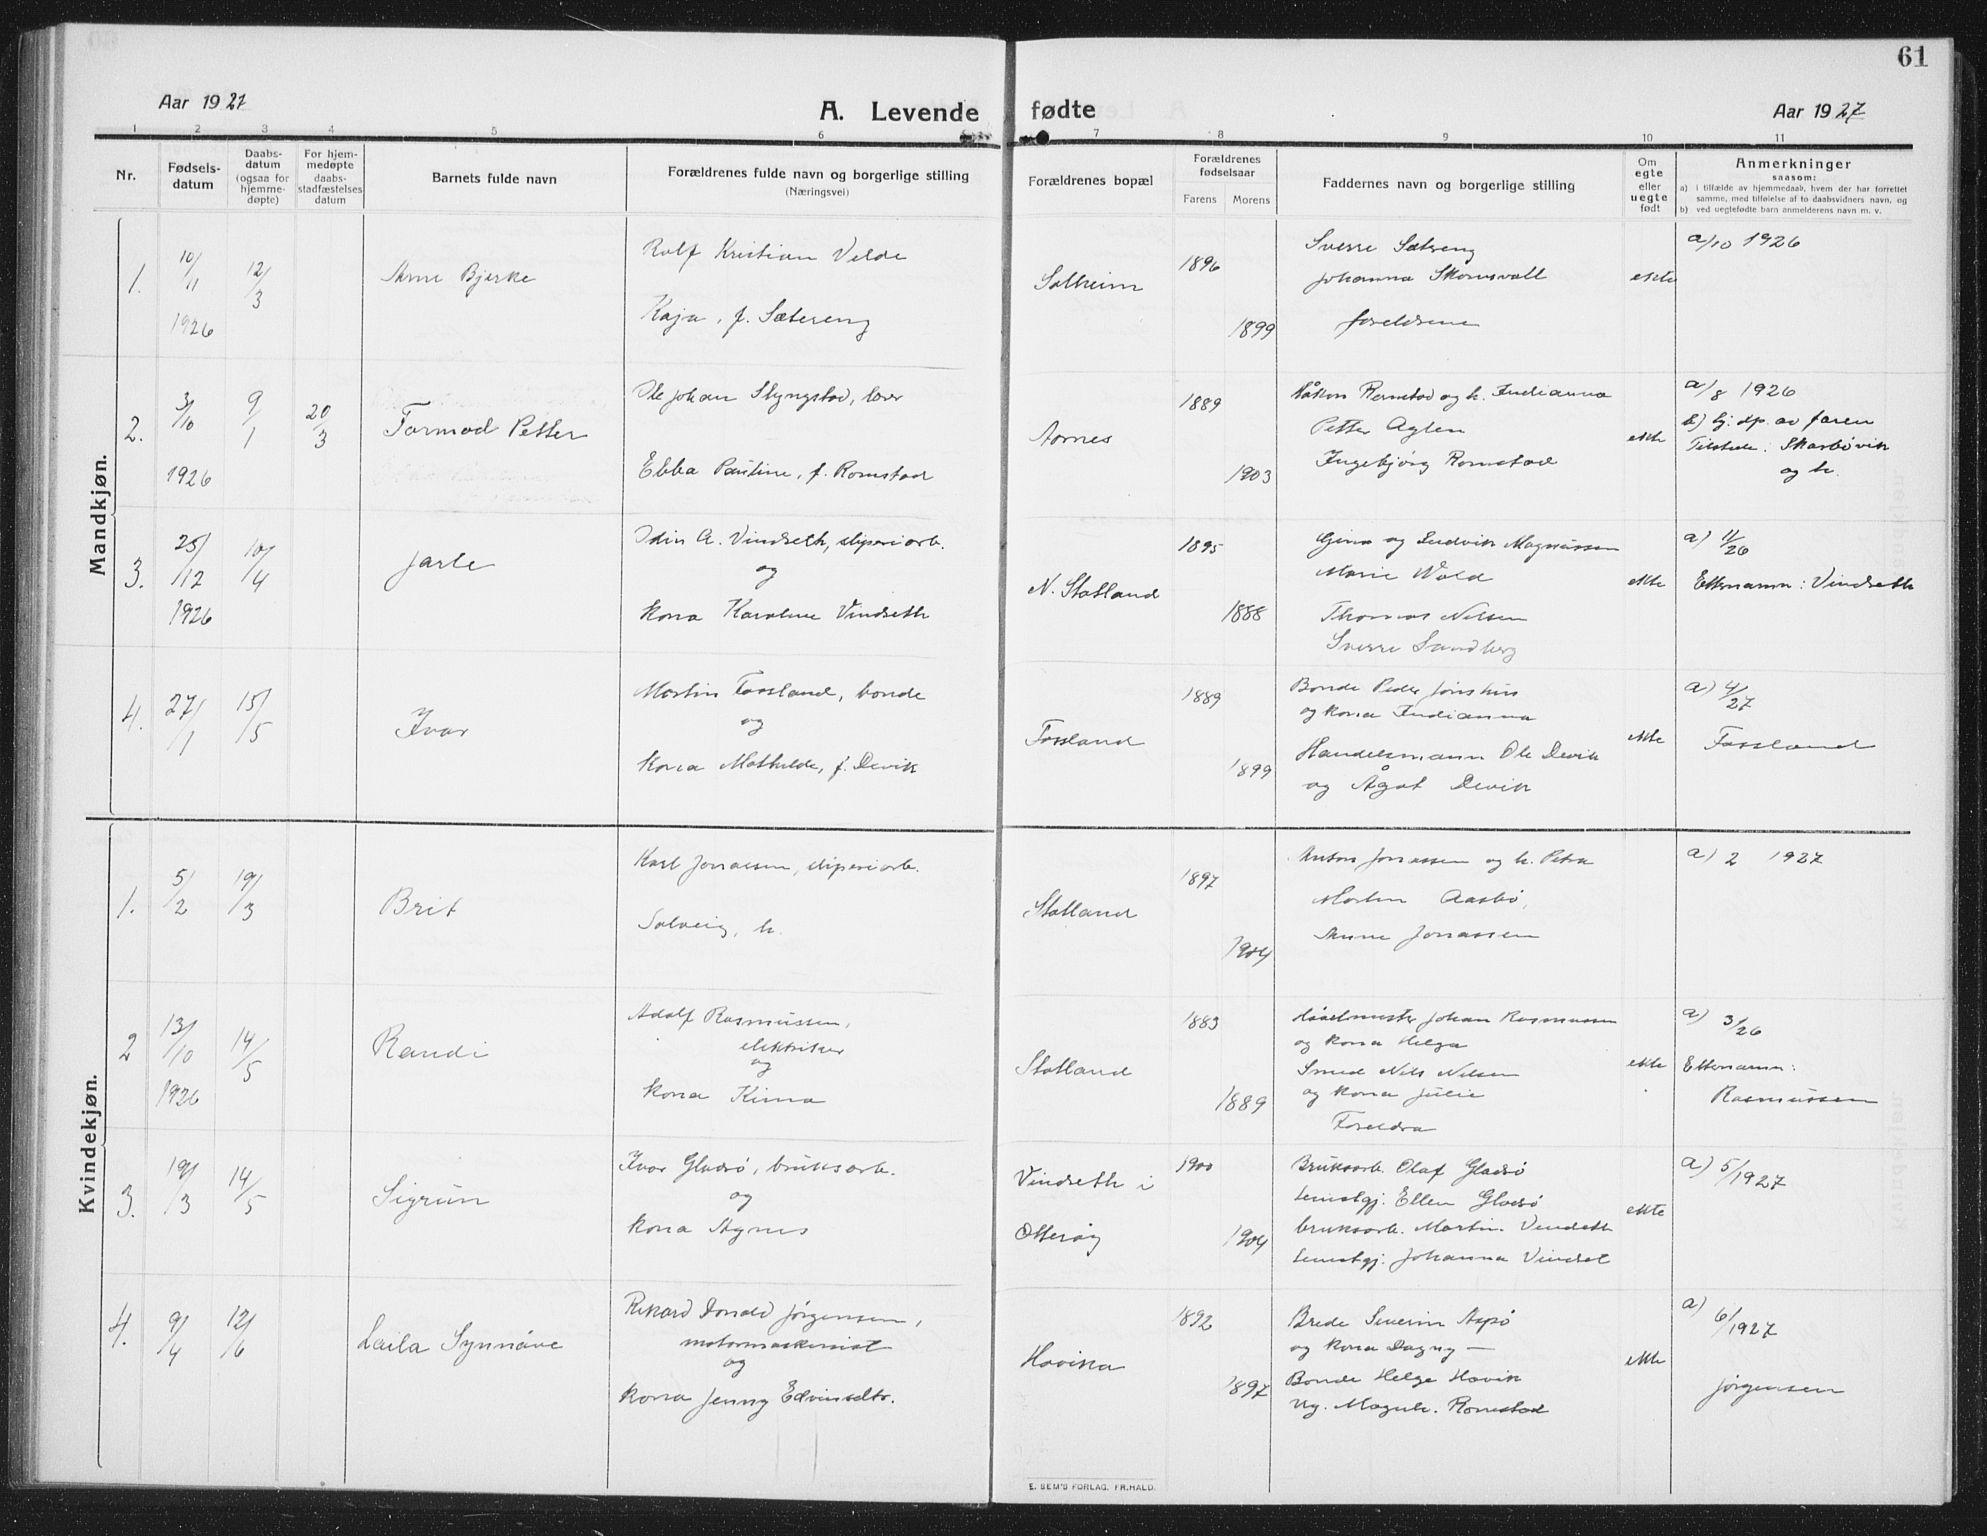 SAT, Ministerialprotokoller, klokkerbøker og fødselsregistre - Nord-Trøndelag, 774/L0630: Klokkerbok nr. 774C01, 1910-1934, s. 61